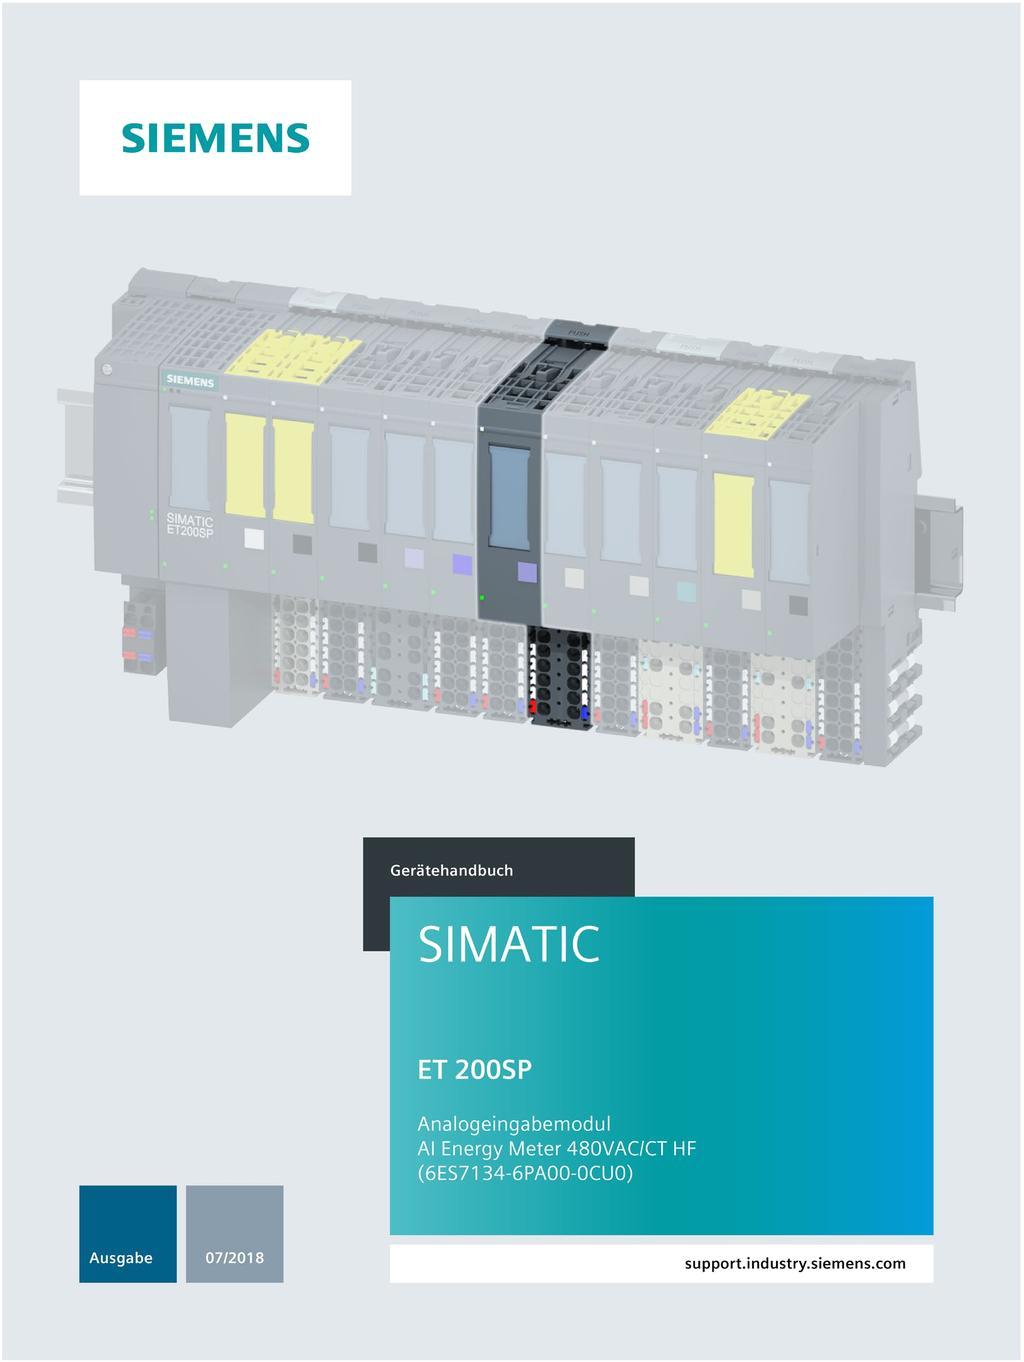 Siemens S7 200 Wiring Diagram Simatic Et 200sp Analogeingabemodul Ai Energy Meter 480vac